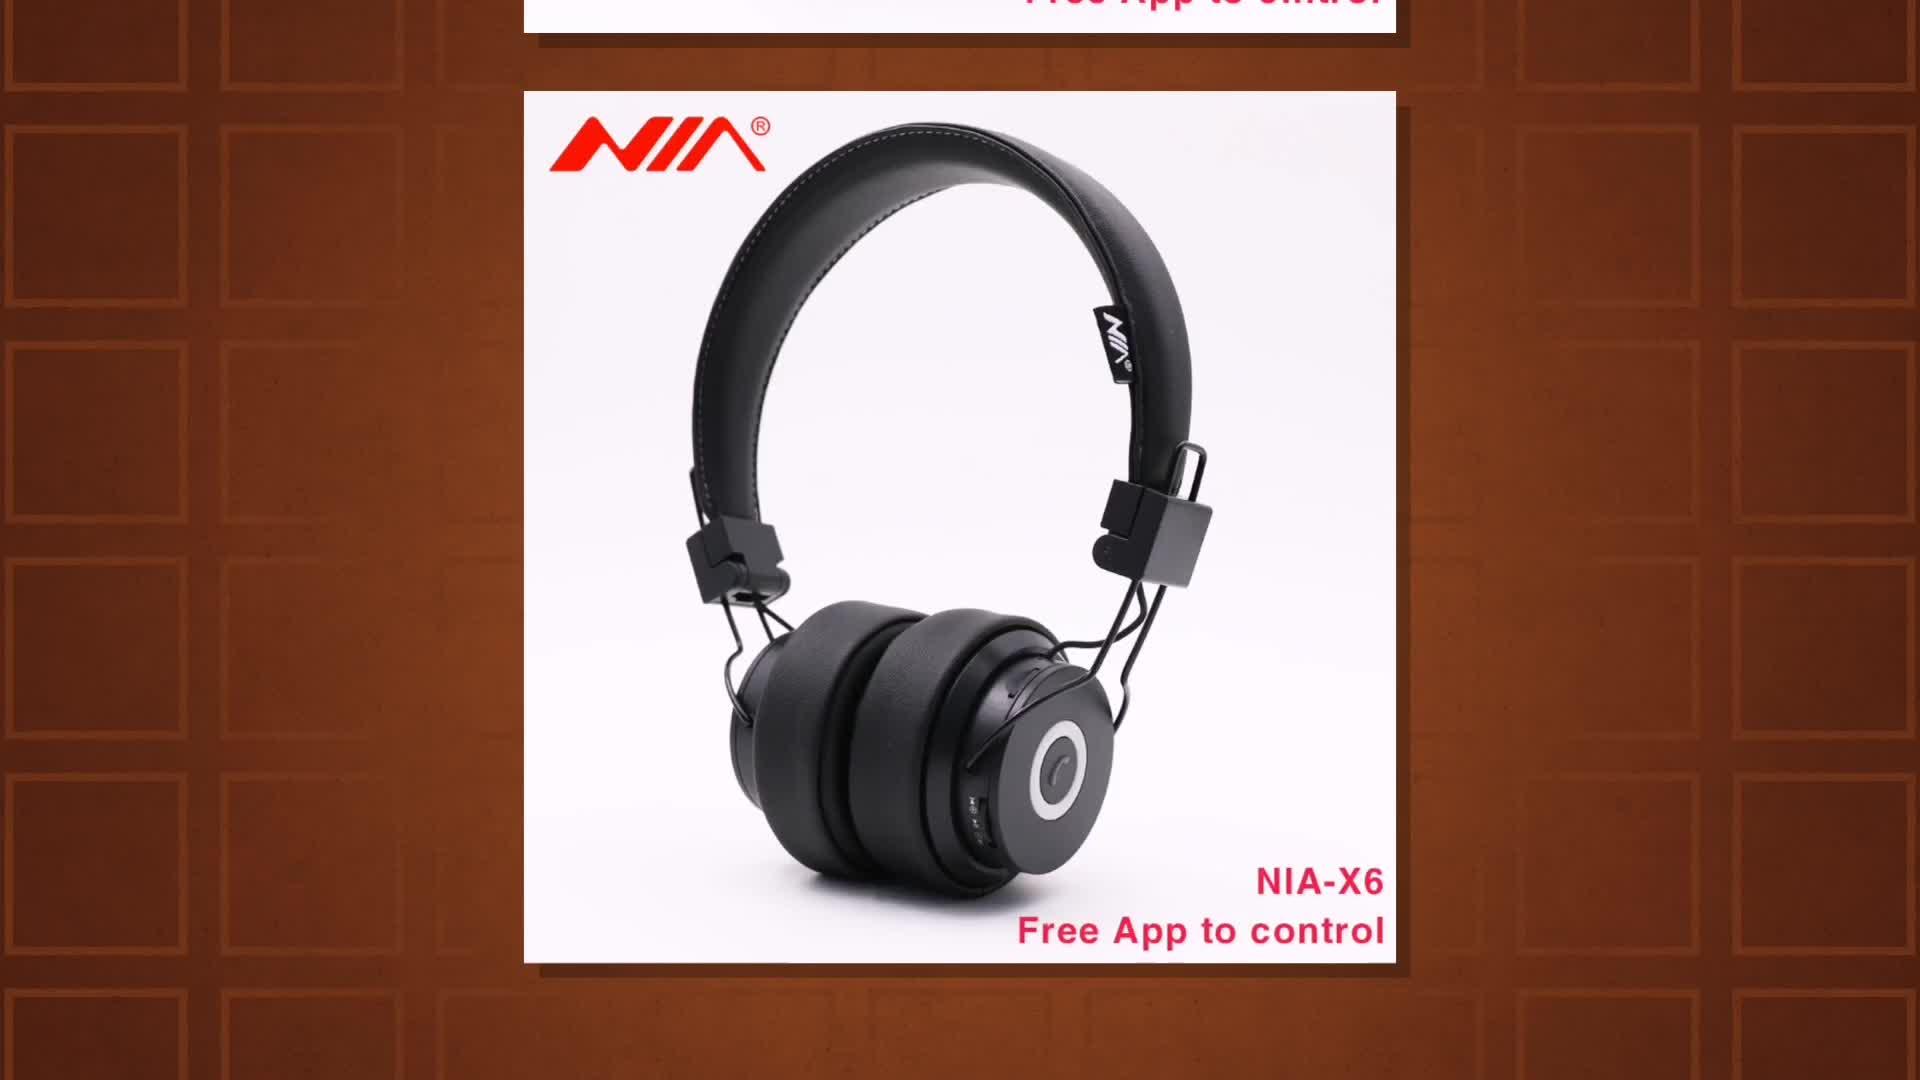 NIA X6 On-Ear Draadloze Stereo Hoofdtelefoon met TF Card Slot, FM Radio, NIA APP Verbinden en Audio-ingang